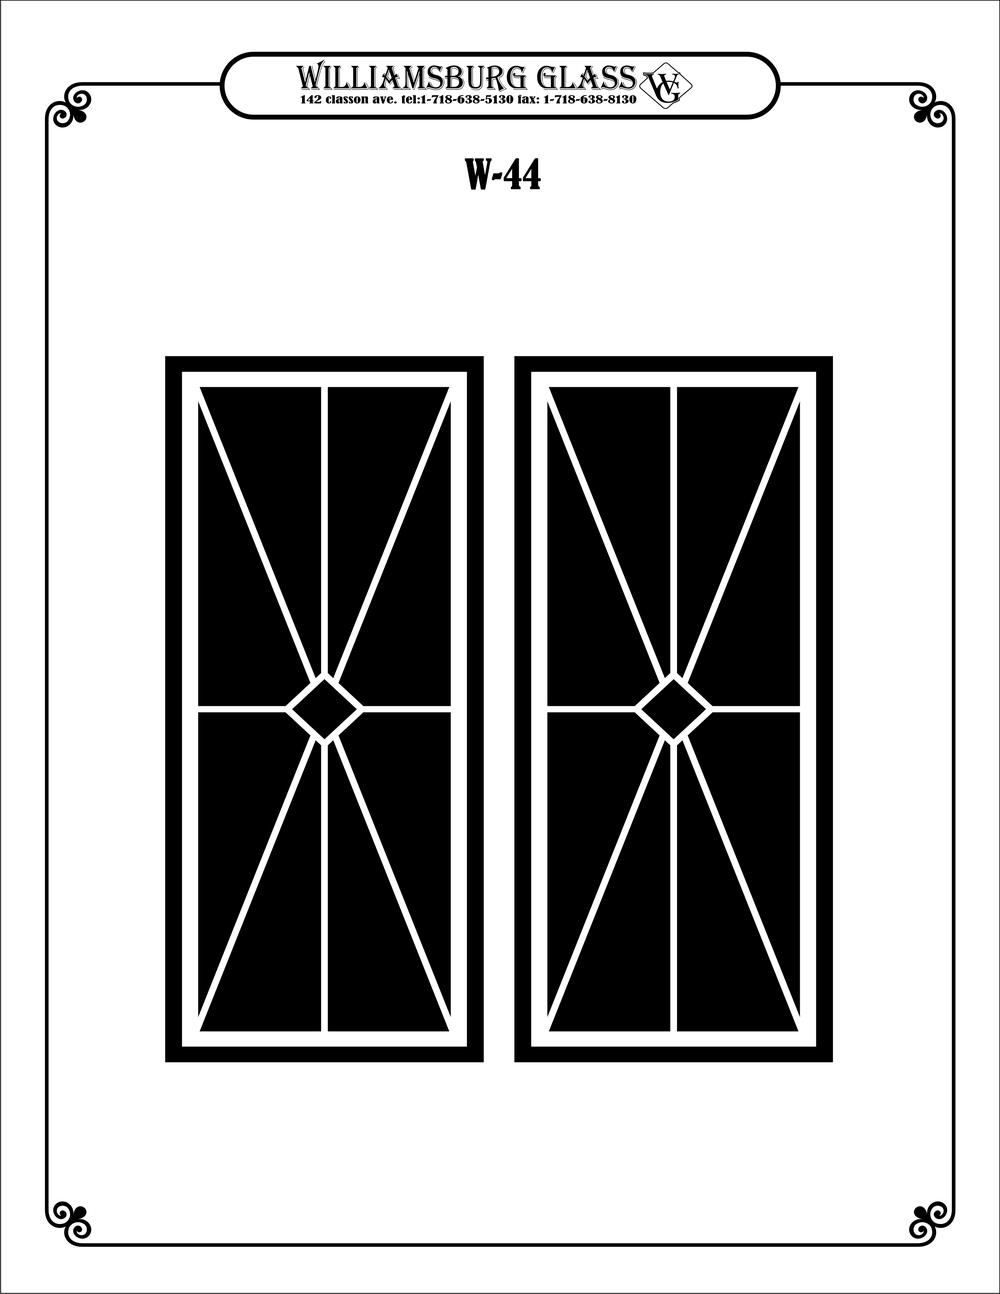 WG-44.jpg